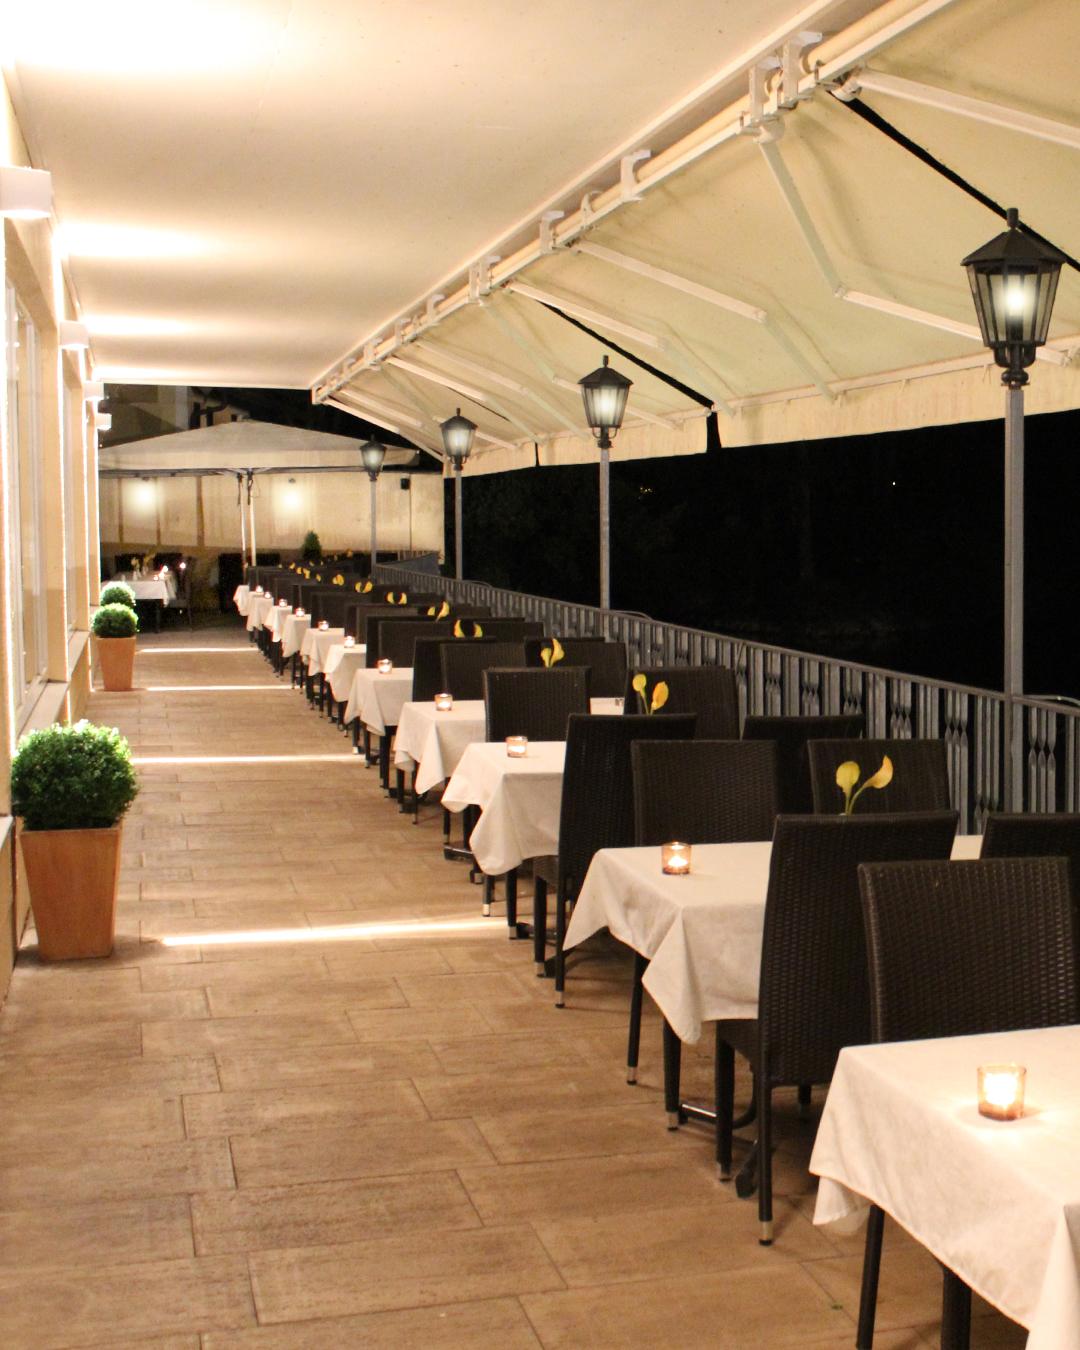 Restaurant Venezia in Fürstenfeldbruck - Terrasse Gallerie 3